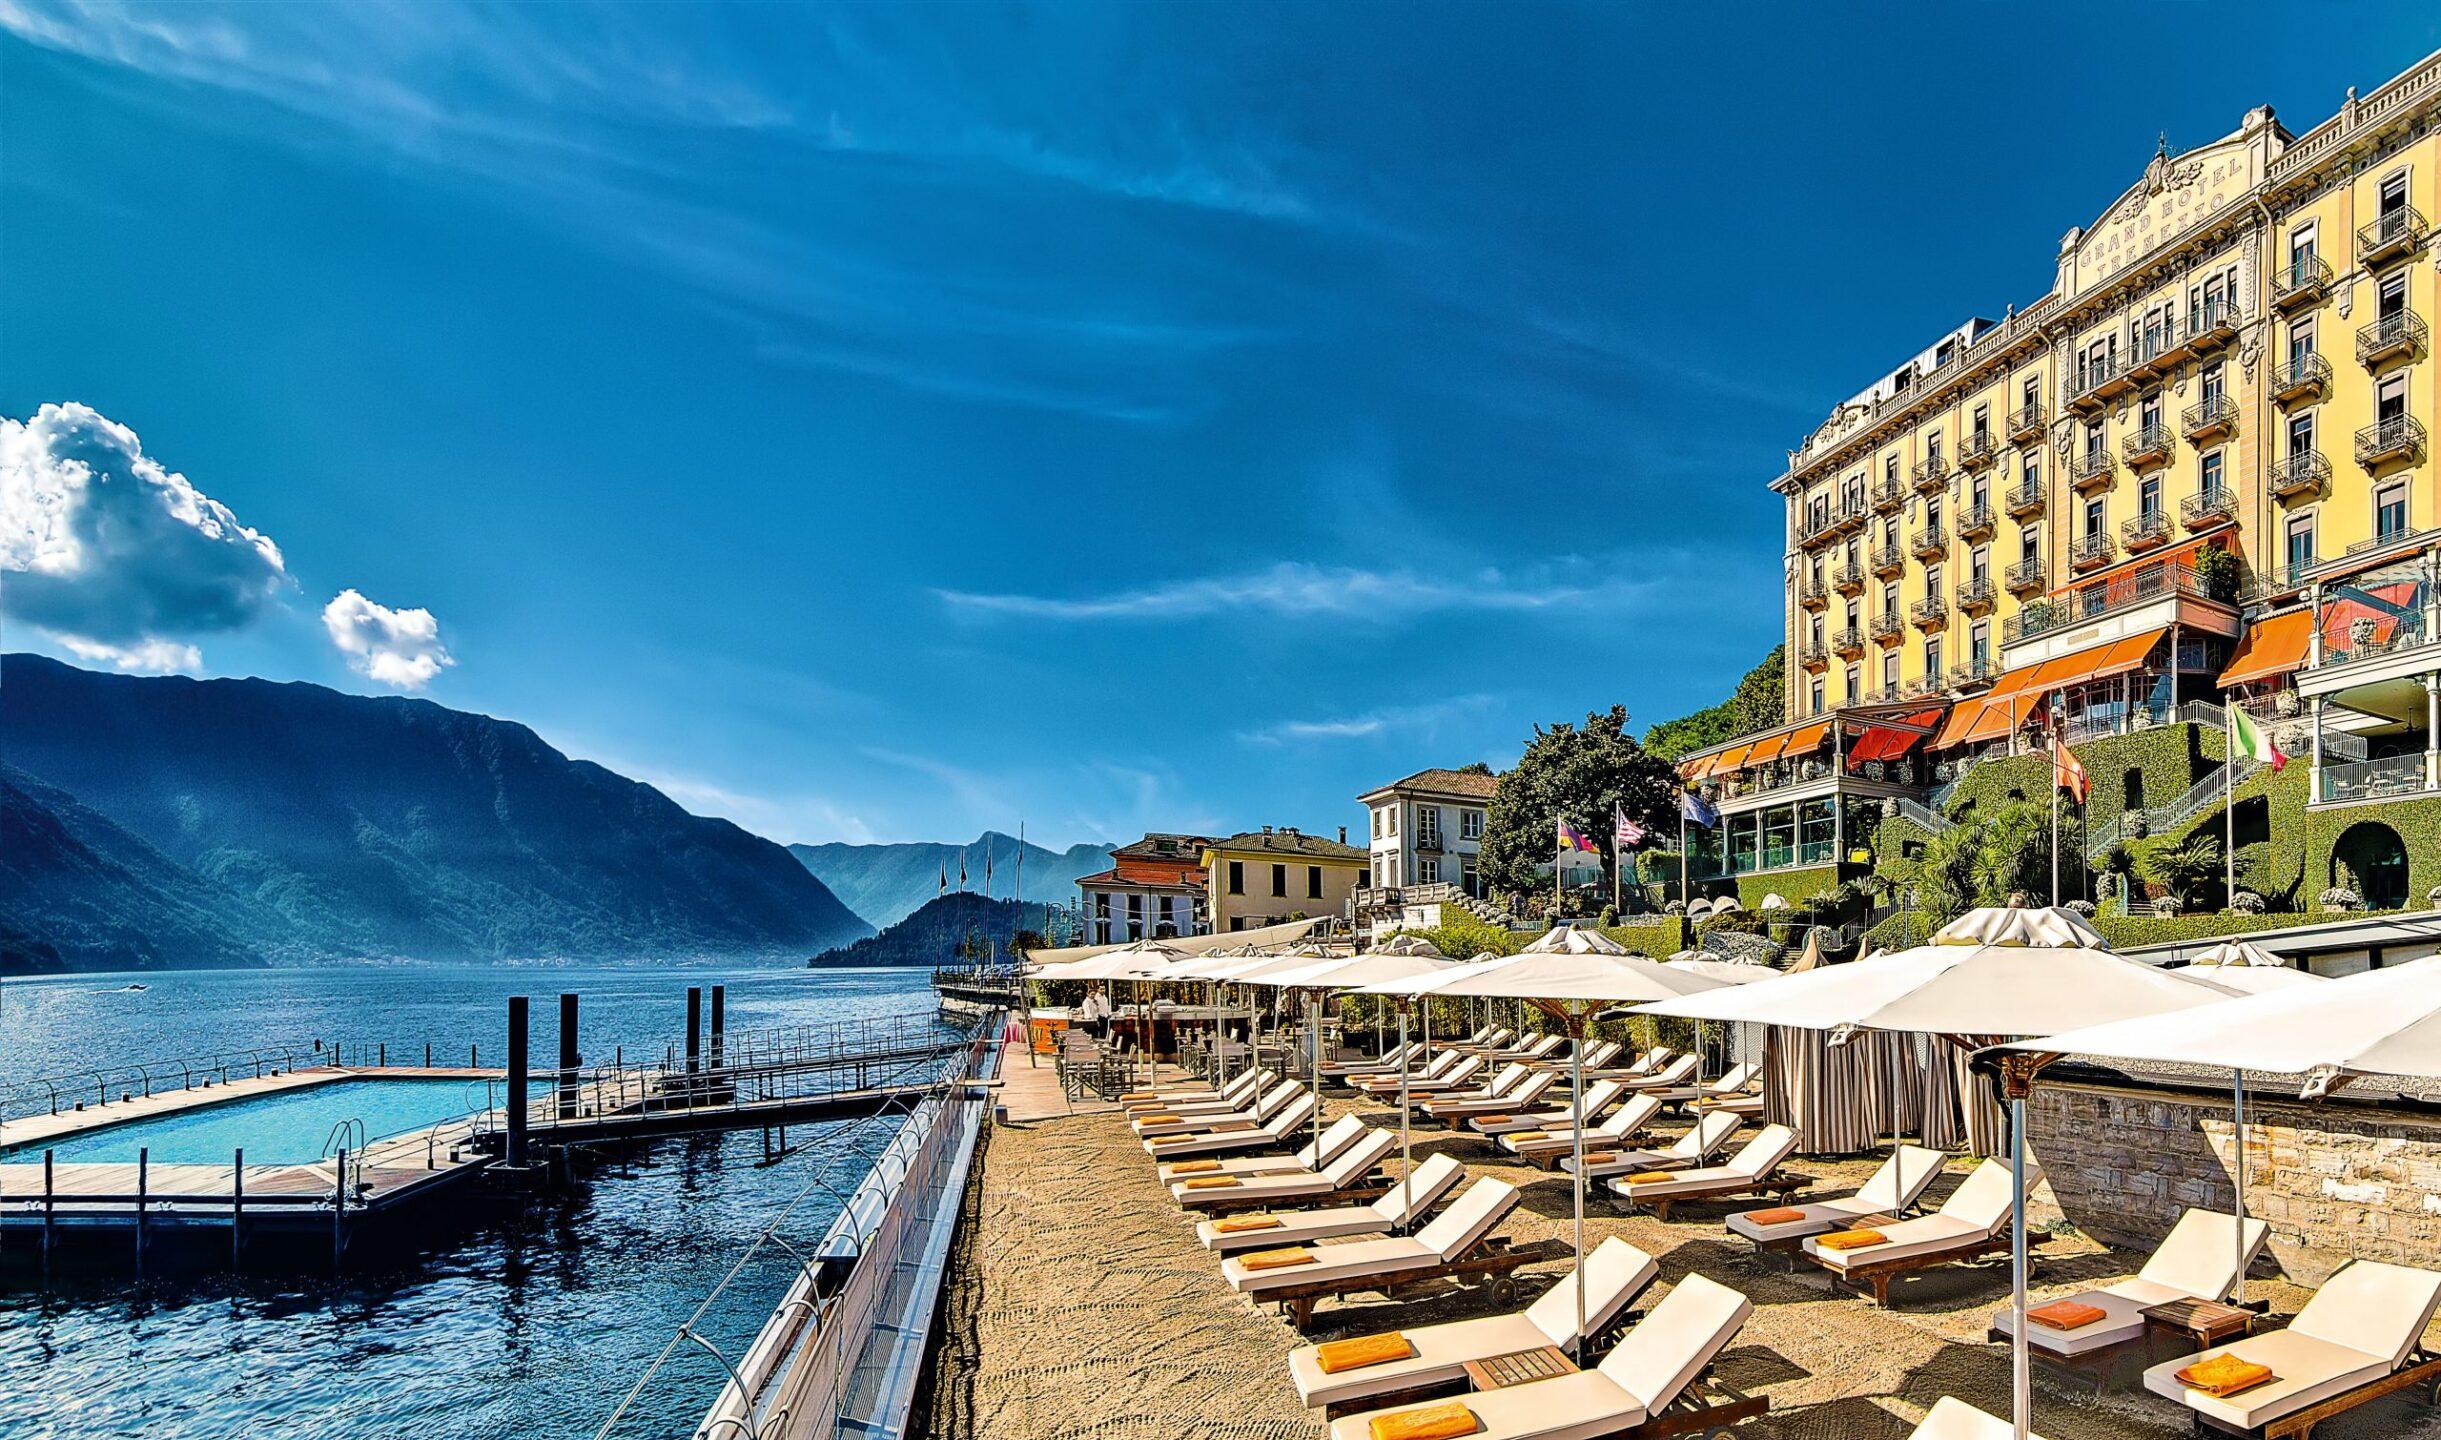 Migliori hotel italiani: Grand Hotel Tremezzo tra le 100 Eccellenze Italiane per Forbes